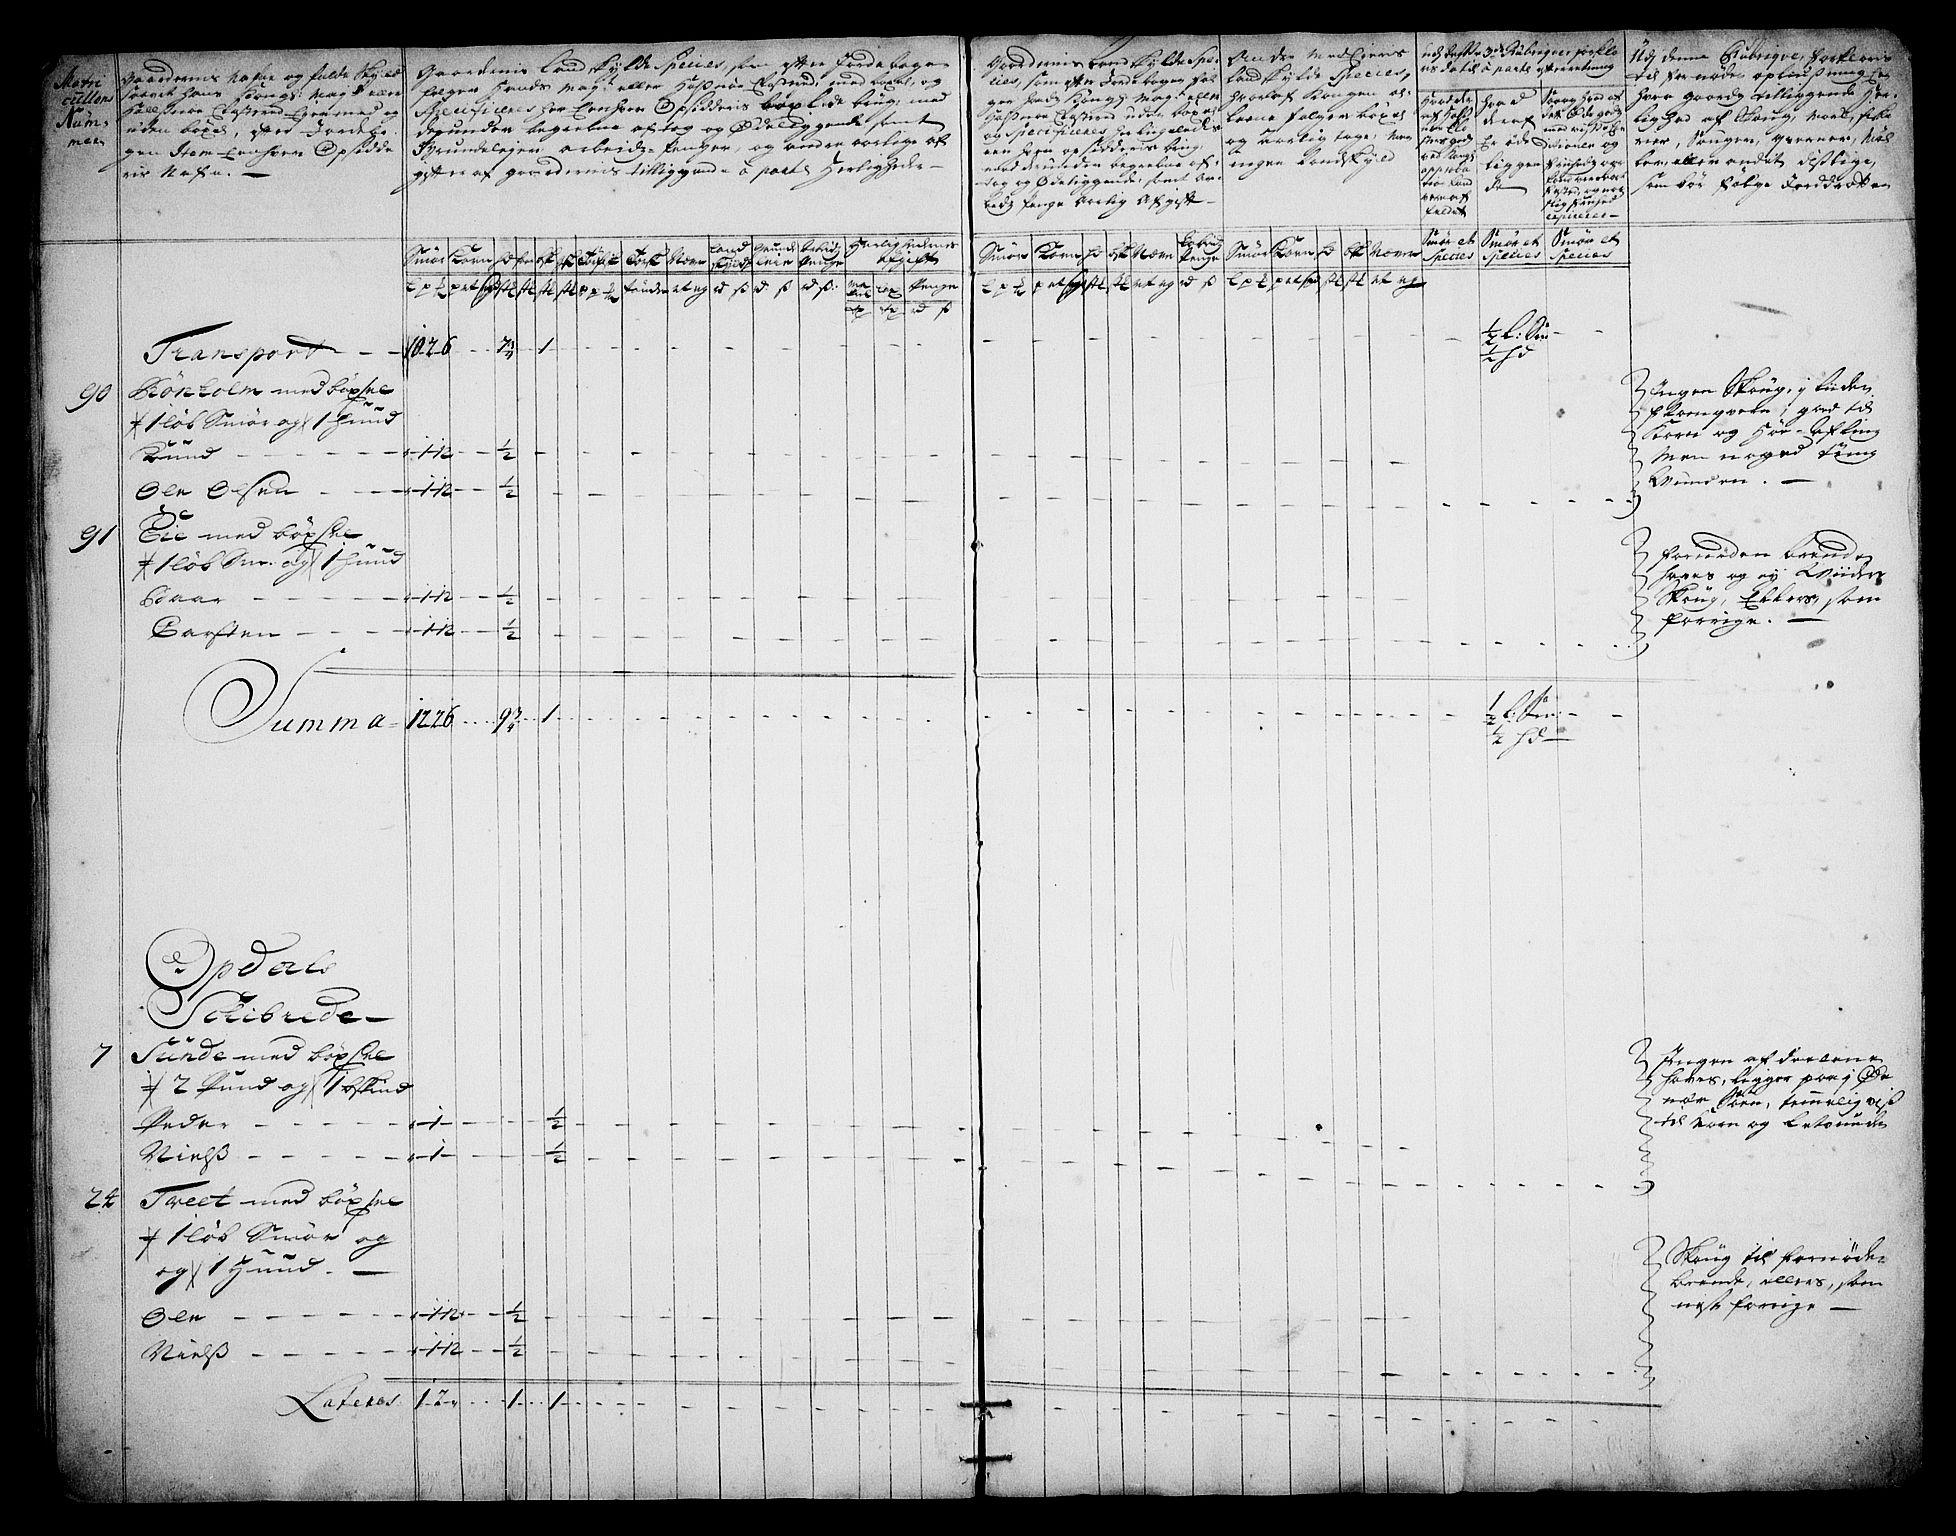 RA, Rentekammeret inntil 1814, Realistisk ordnet avdeling, On/L0003: [Jj 4]: Kommisjonsforretning over Vilhelm Hanssøns forpaktning av Halsnøy klosters gods, 1721-1729, s. 197